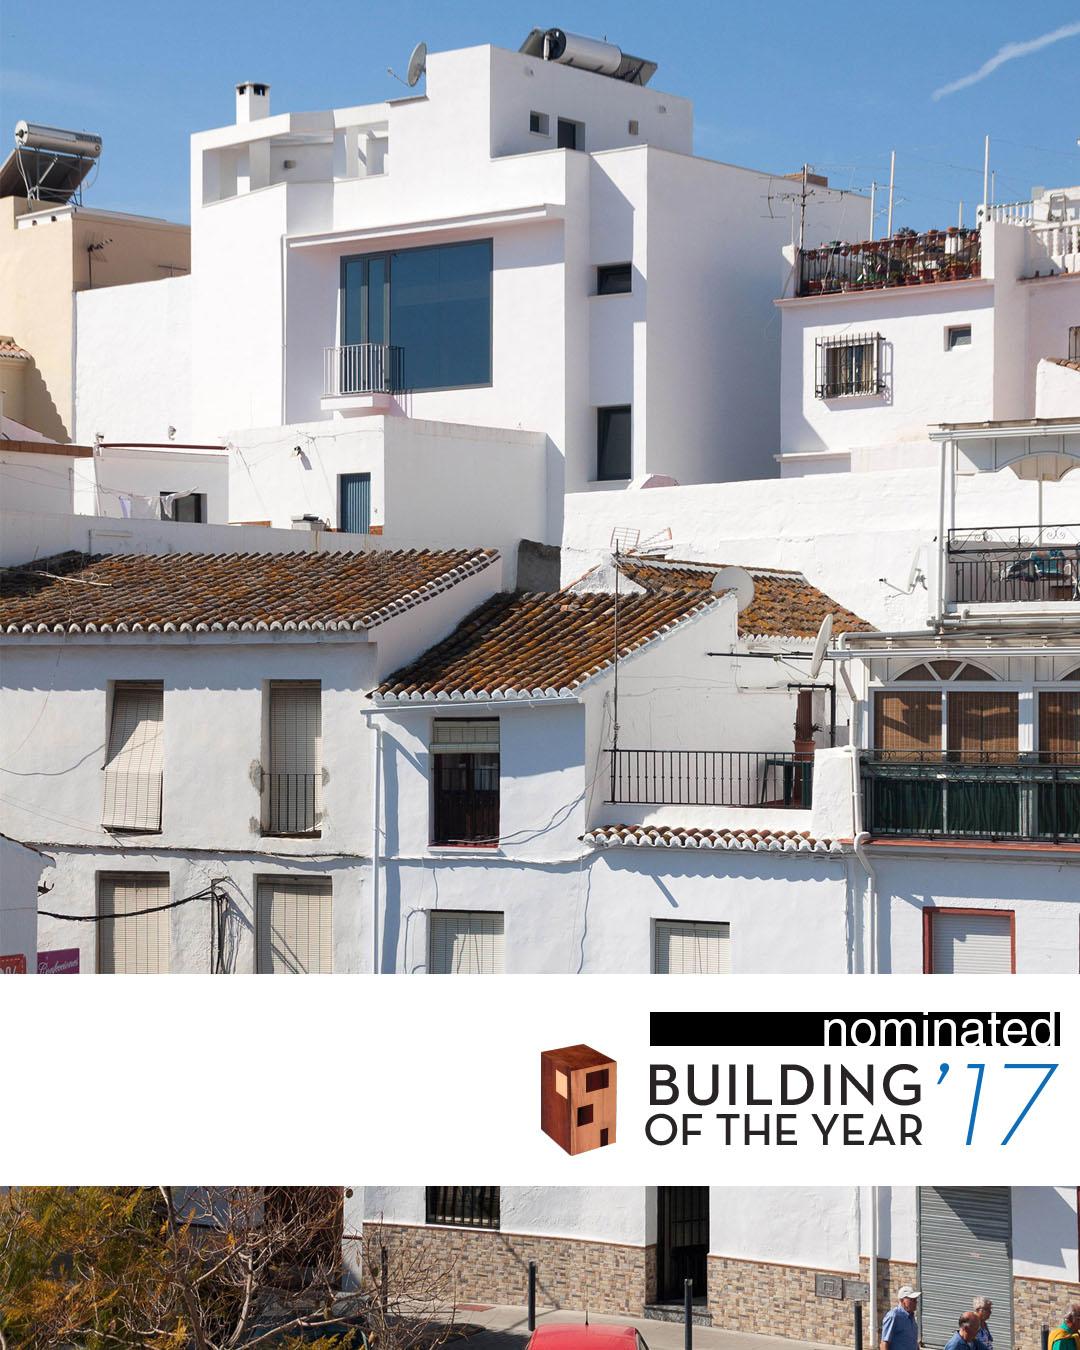 NOMINADO AL 2017 BUILDING OF THE YEAR